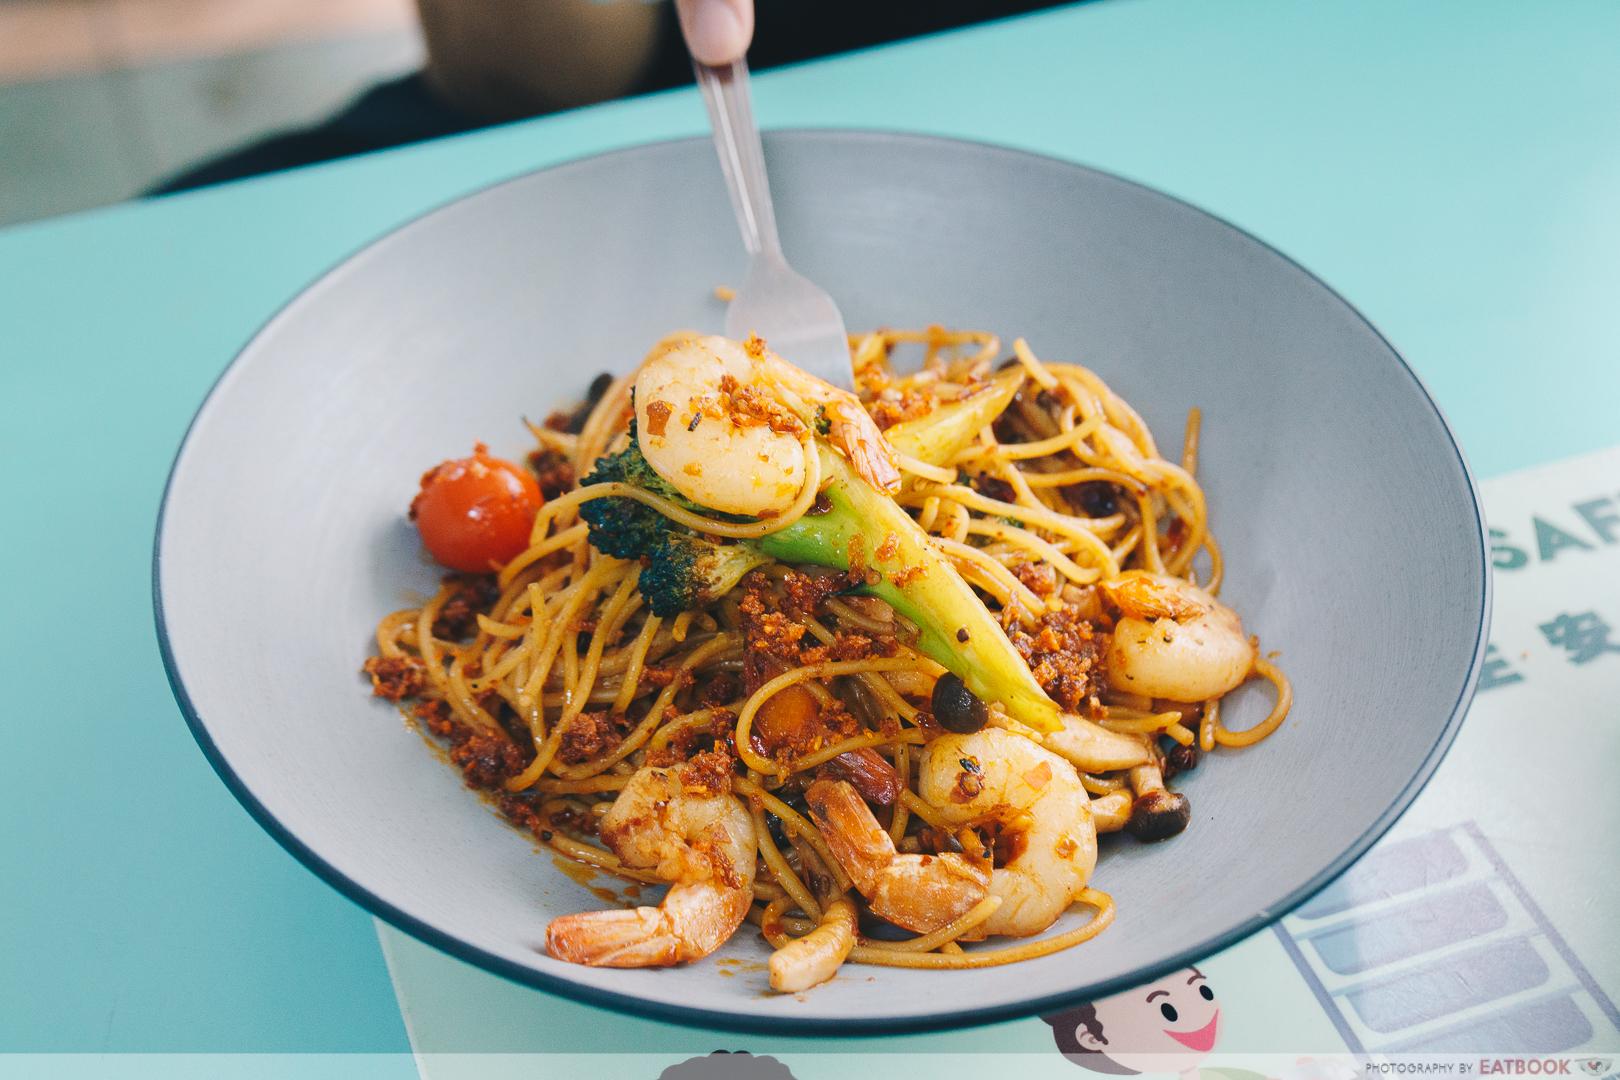 Eddy's No.1 - mala spaghetti